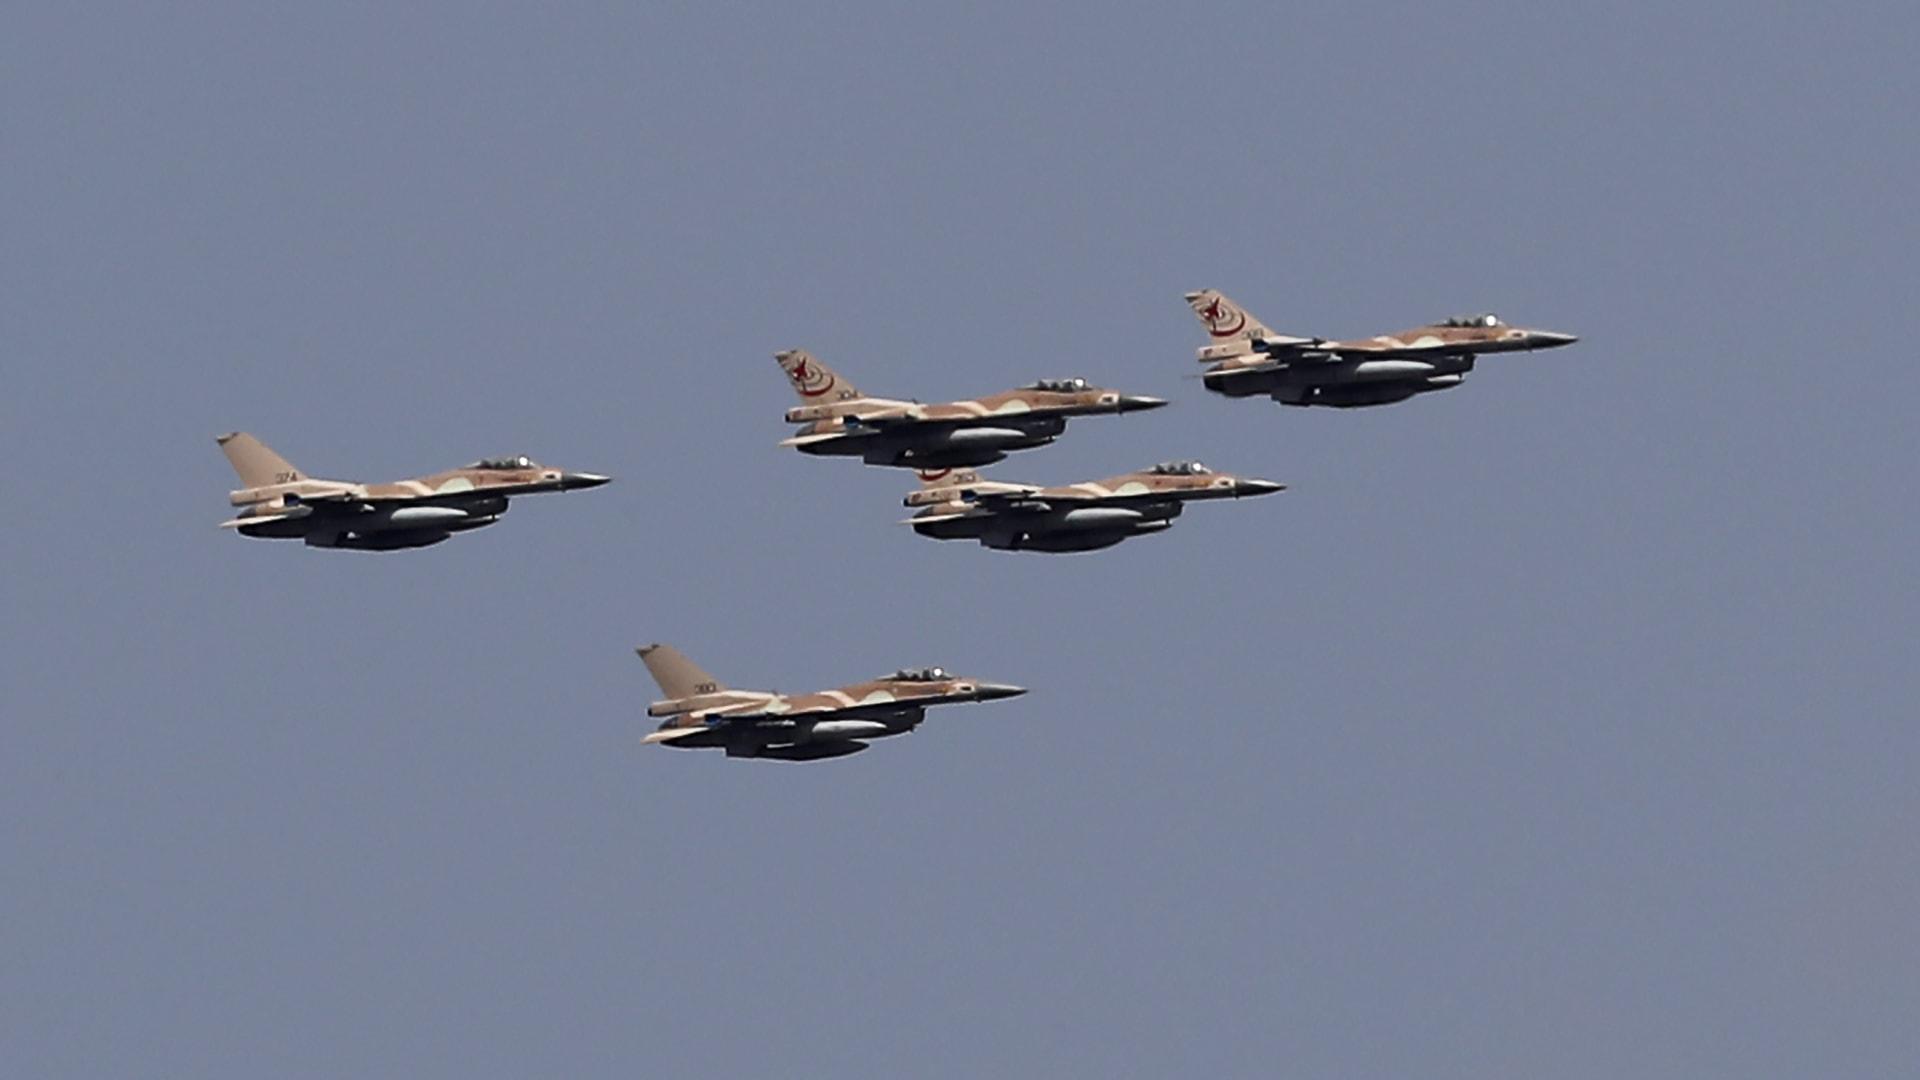 كاتب إسرائيلي: بوتين قرر قصف كل سوريا وبوتين أوقف العملية باتصال